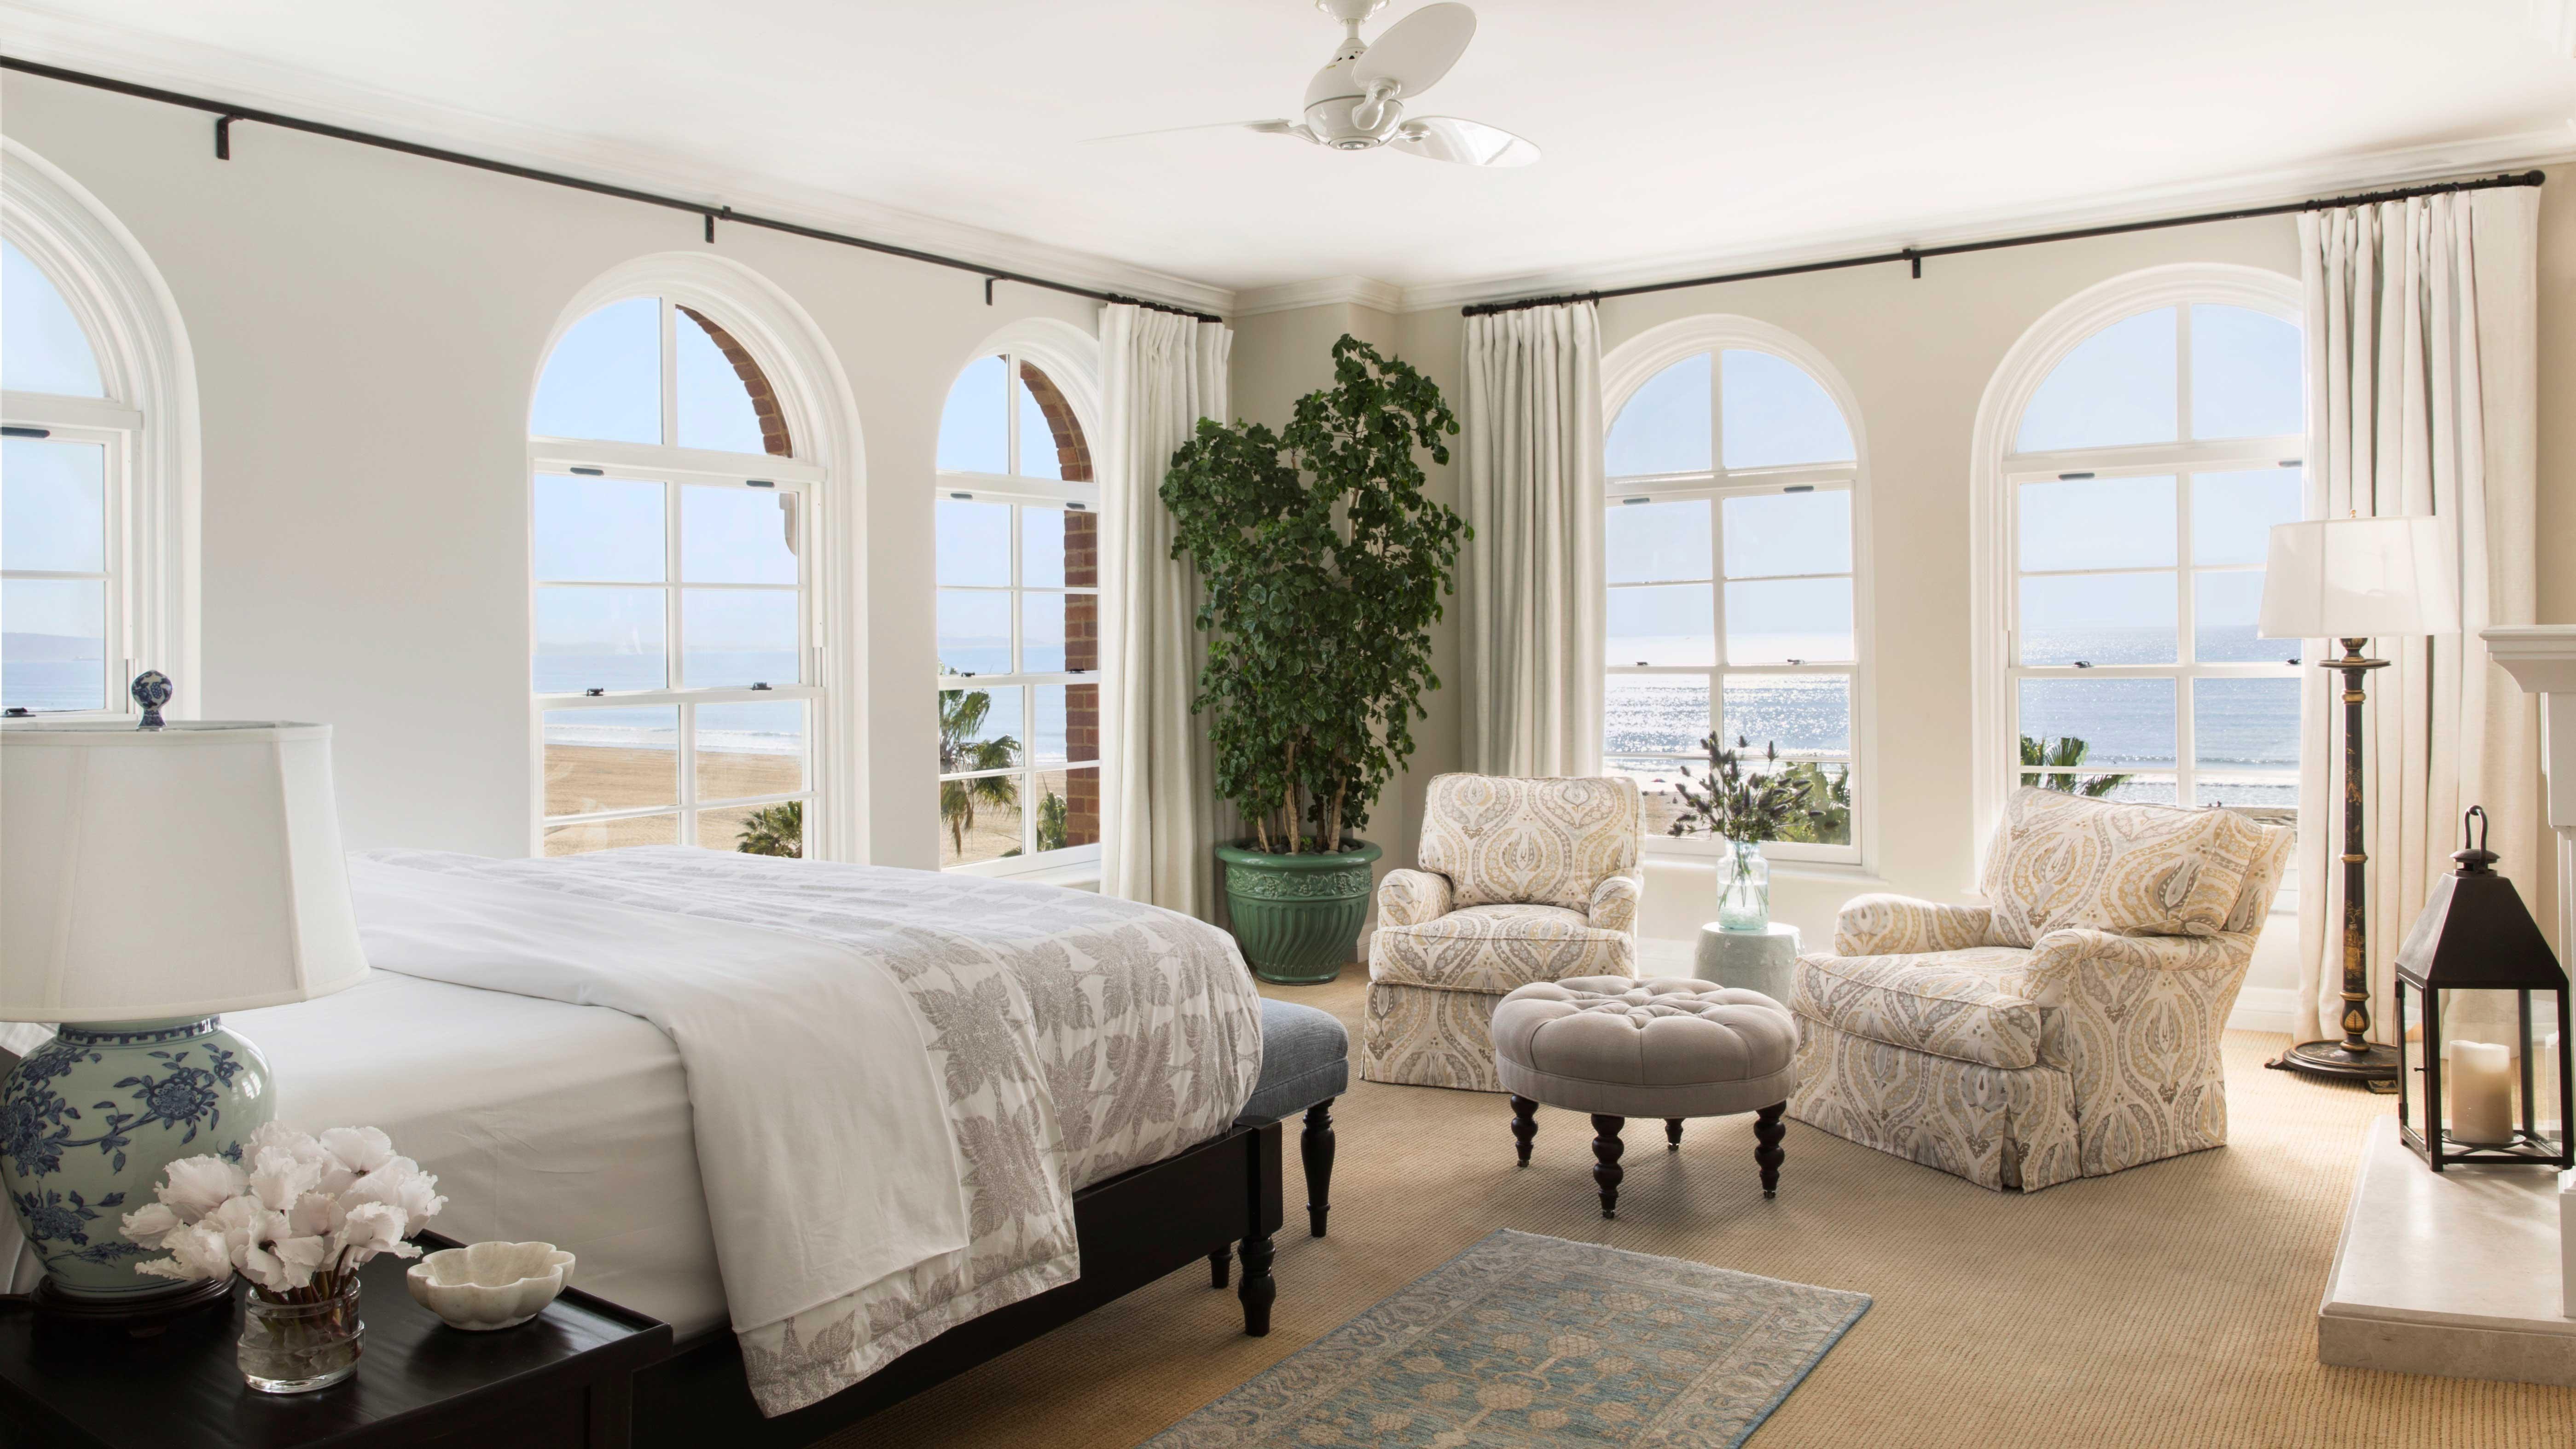 Casa Del Mar hotel Presidential suite bedroom